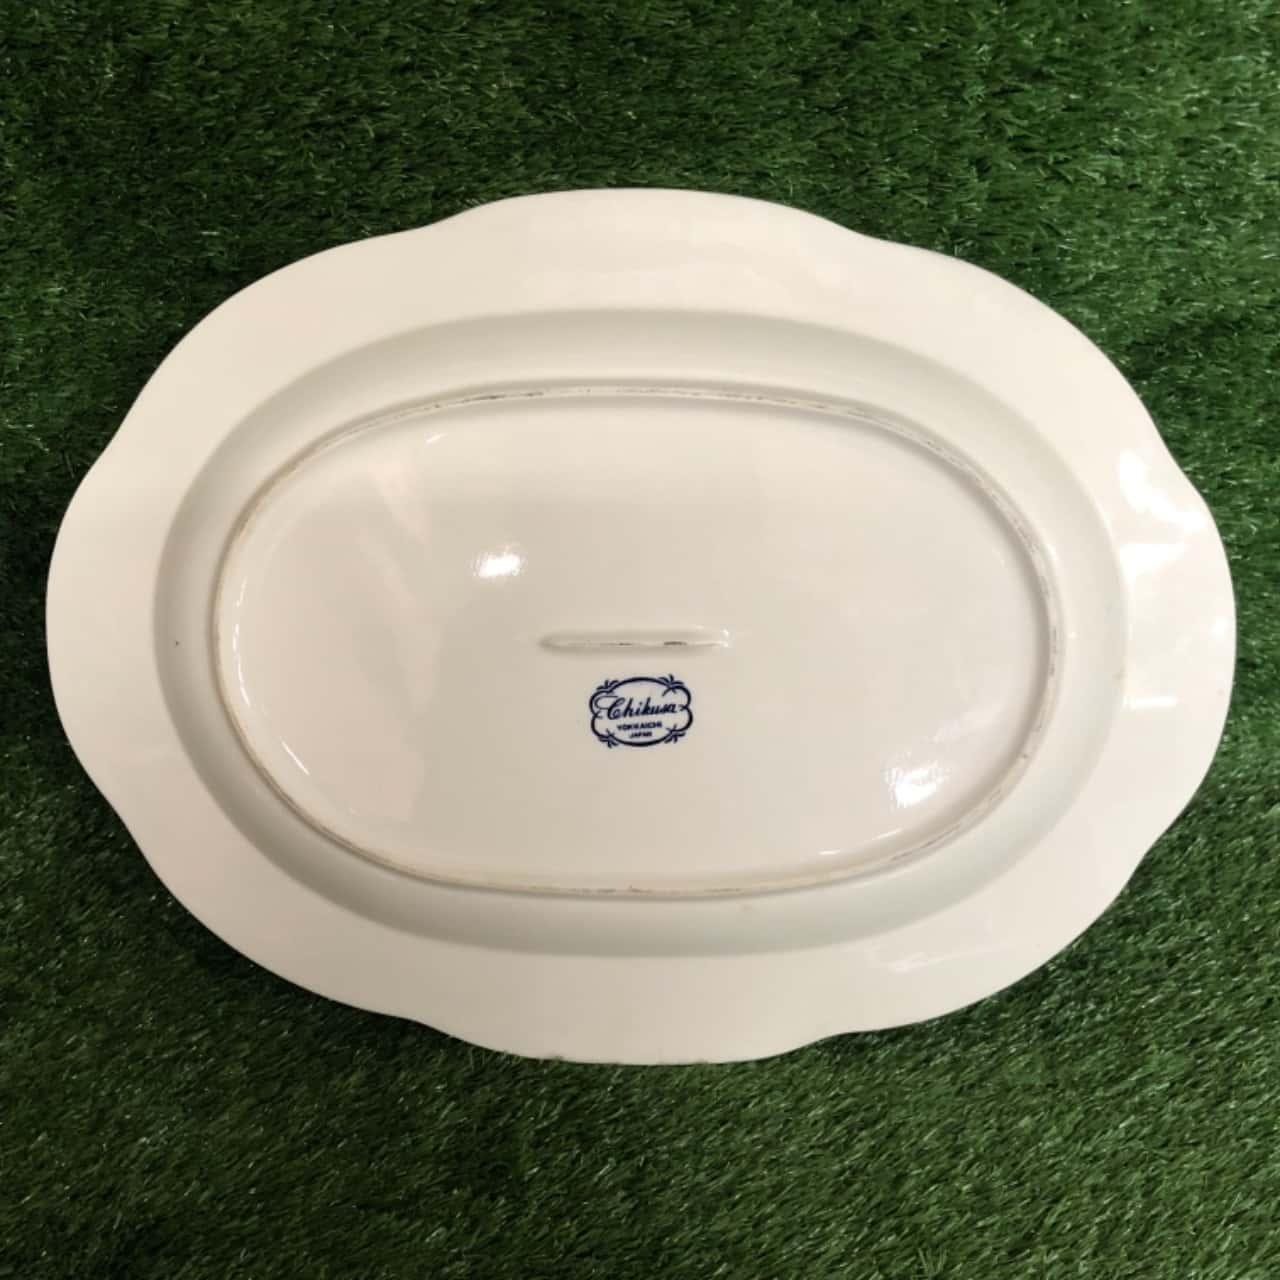 Chikusa Yokkaichi Japanese Large Serving Platter